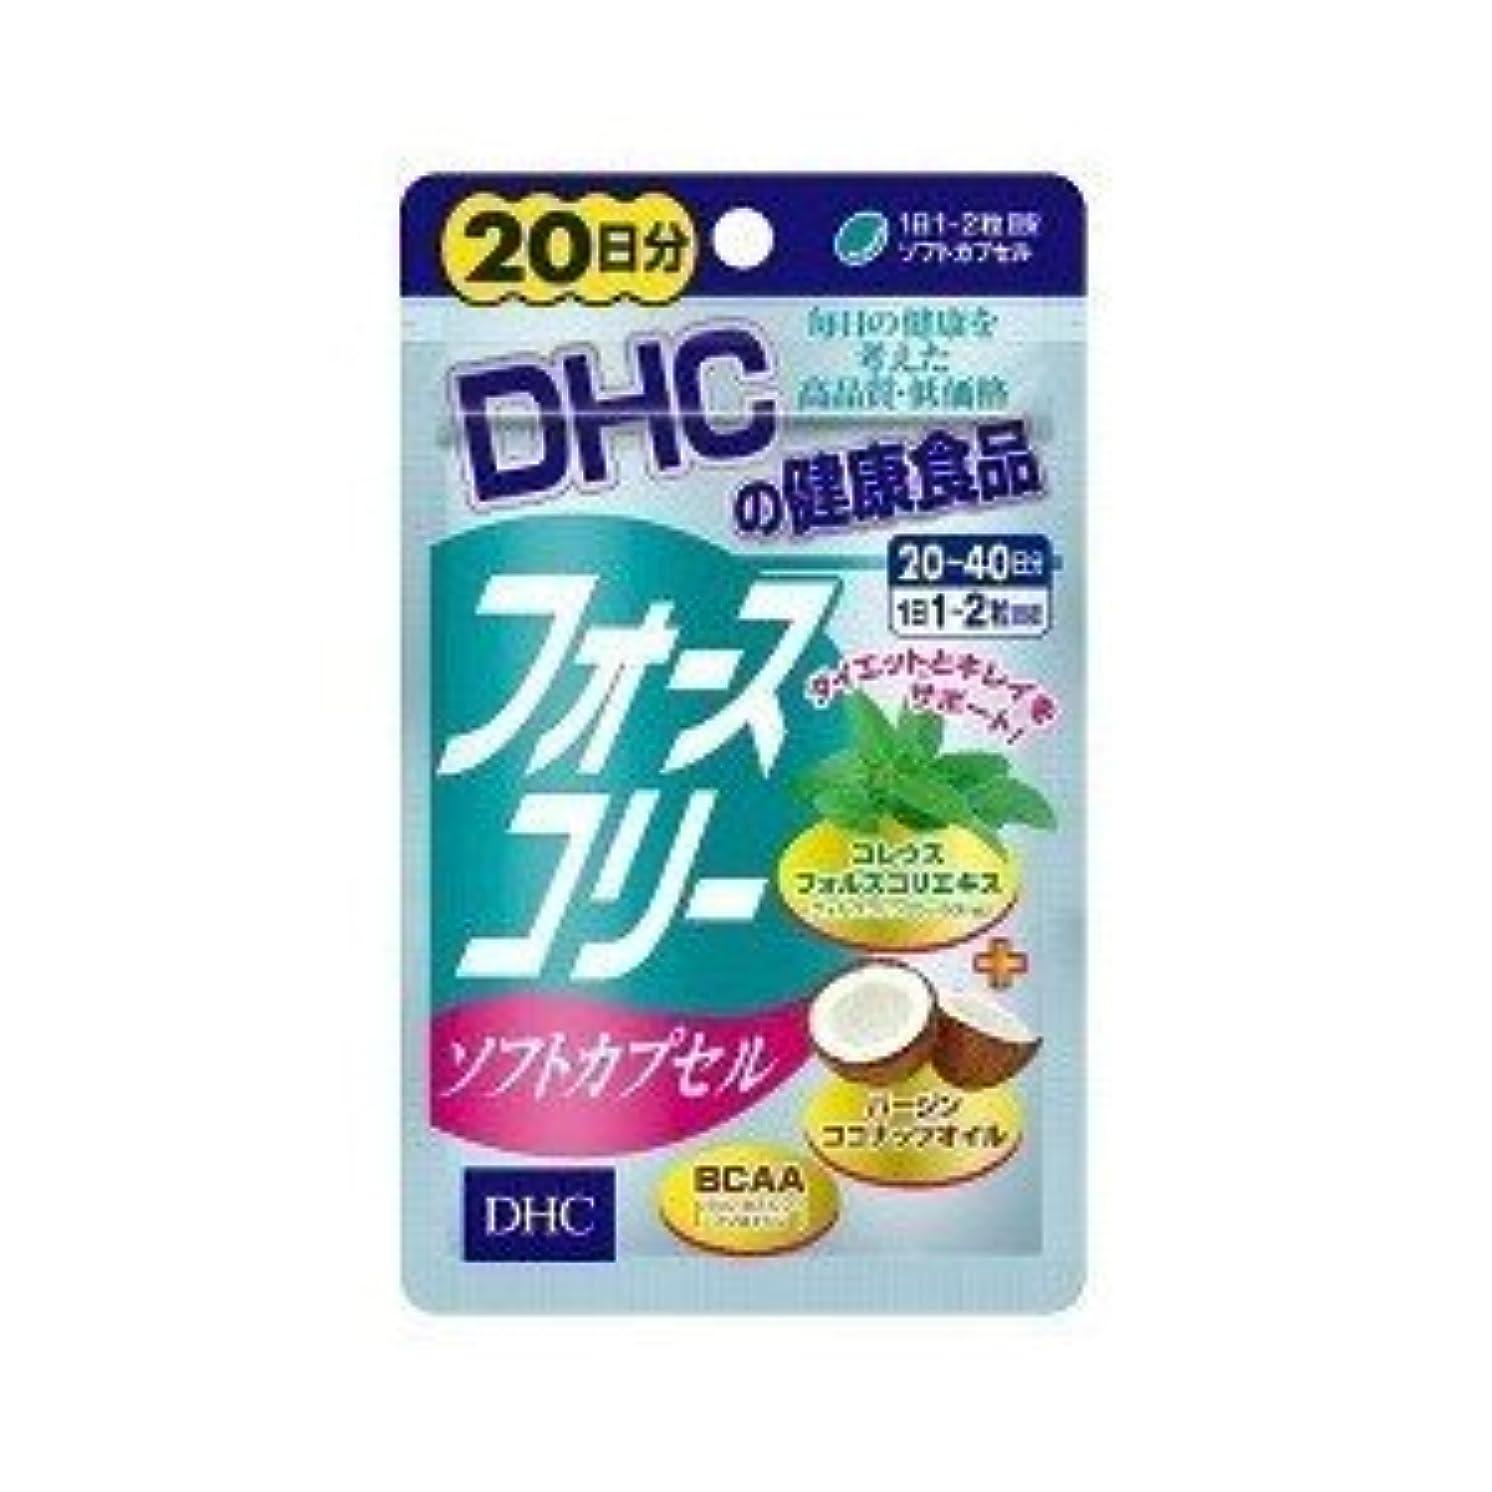 デコレーションタブレット展示会(2017年春の新商品)DHC フォースコリー ソフトカプセル 20日分 40粒